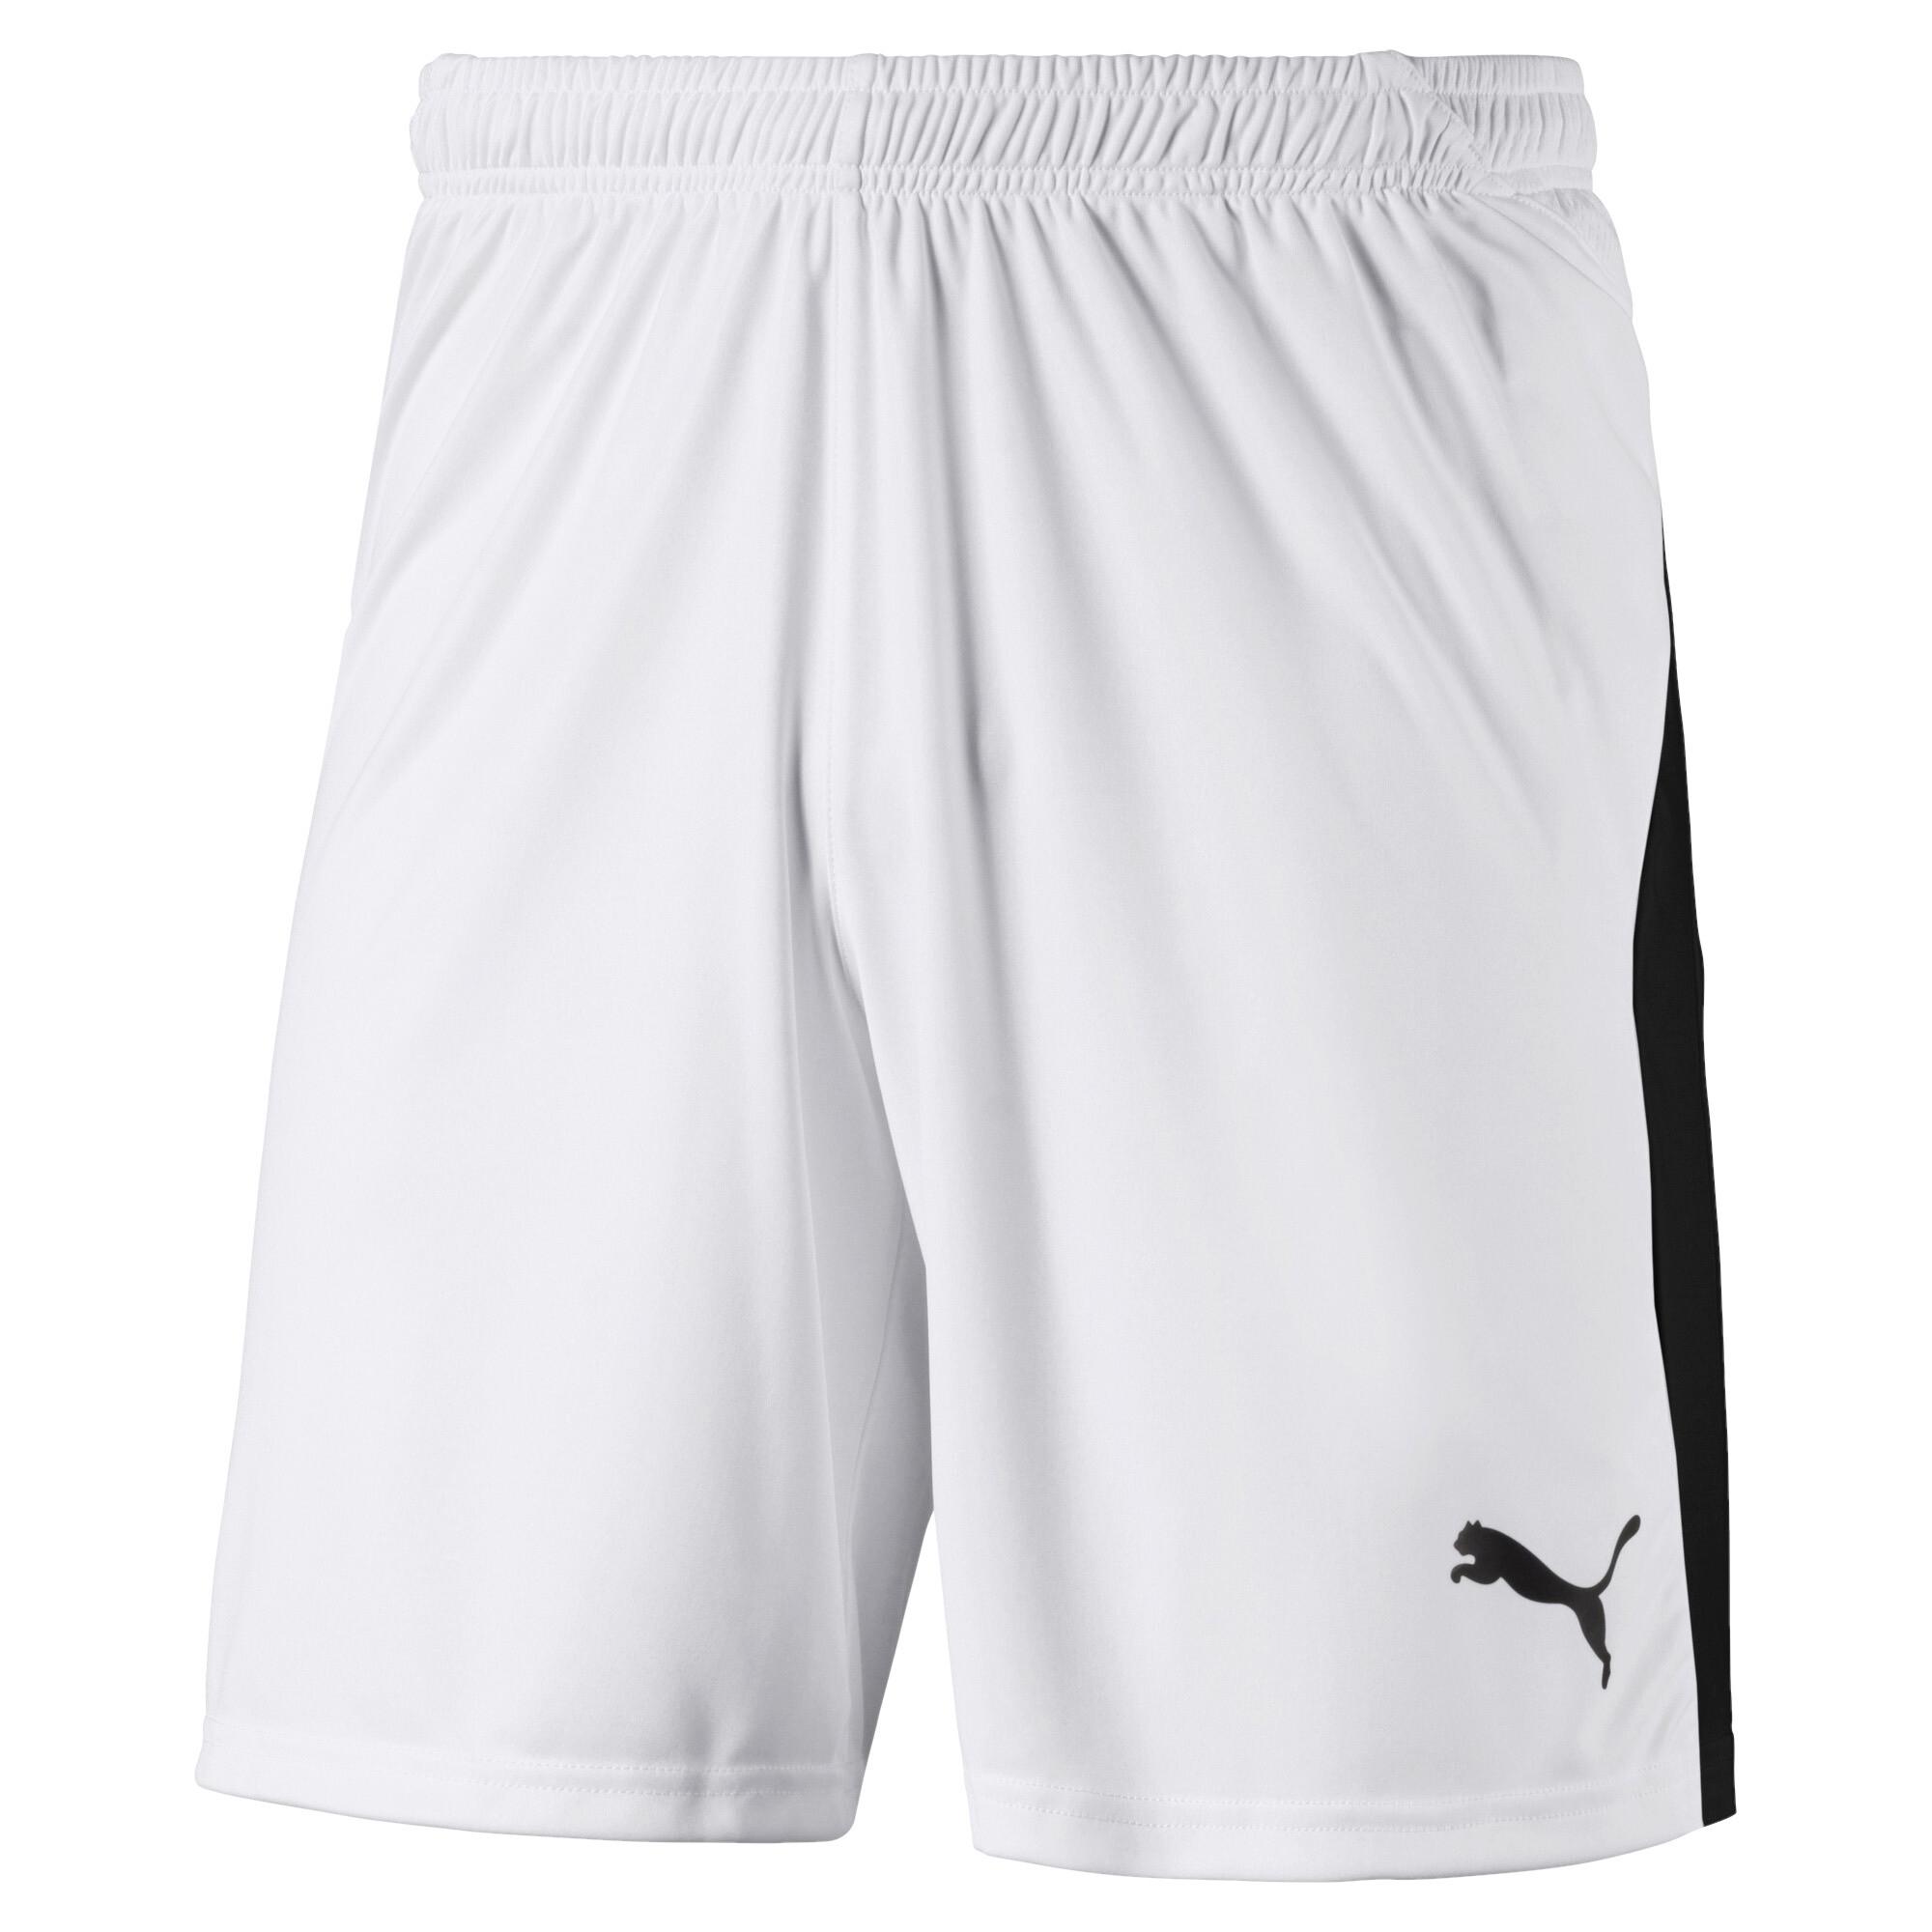 【プーマ公式通販】 プーマ LIGA ゲームパンツ メンズ Puma White-Puma Black |PUMA.com